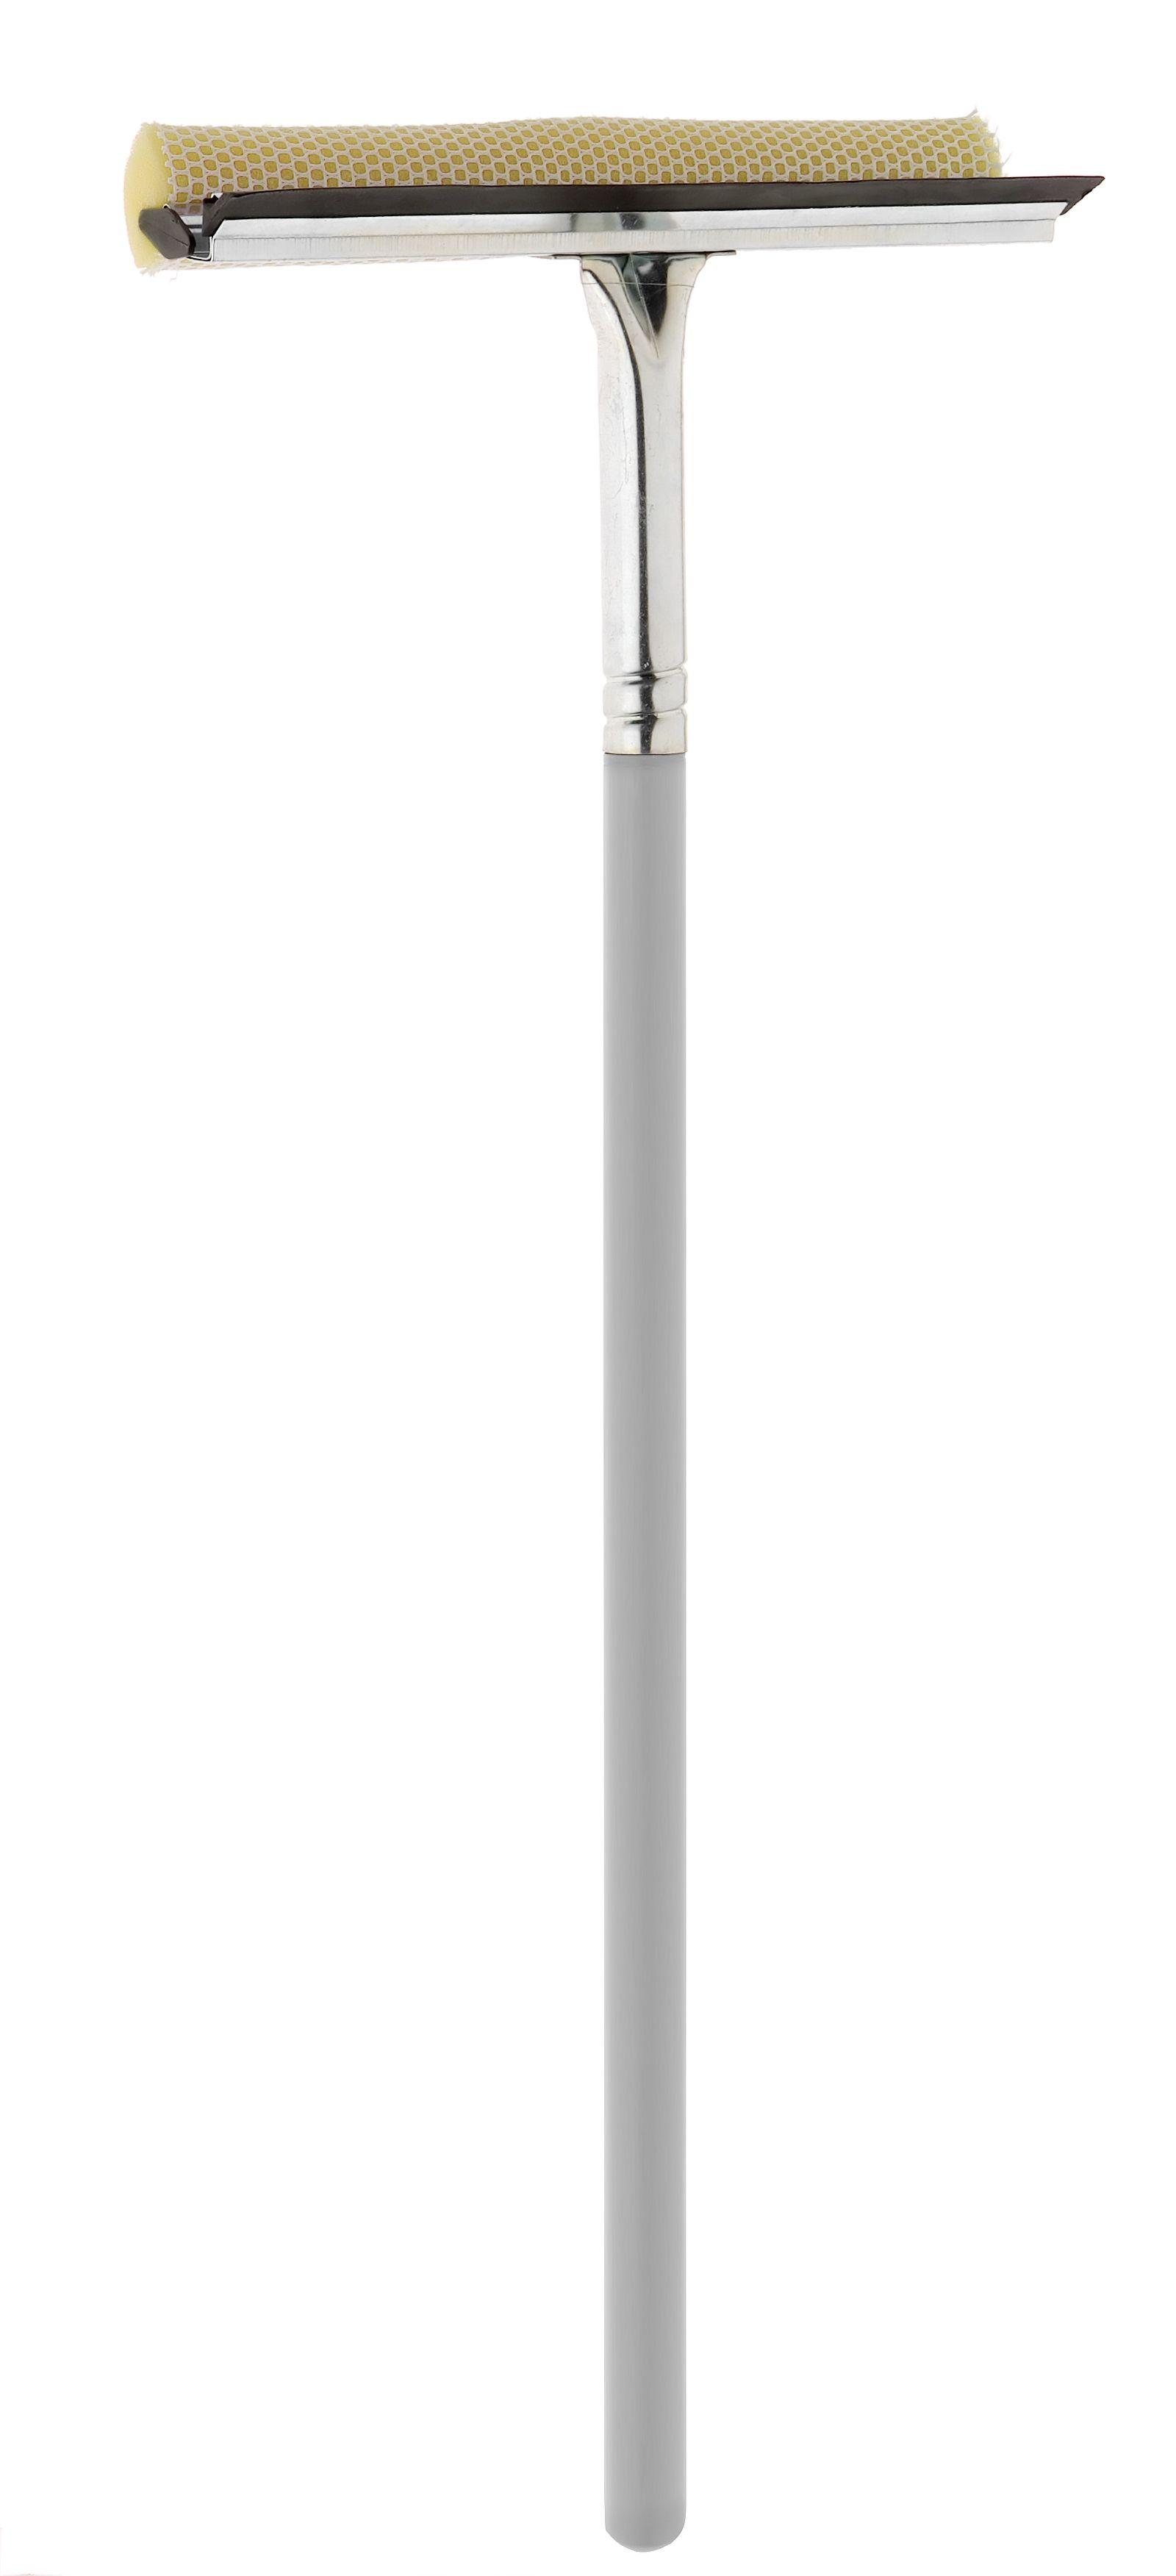 Стеклоочиститель Apex Mosquito, длина рукоятки 60 см20621-AСтеклоочиститель Apex Mosquito с мягкой губкой и кромкой из резины станет незаменимым помощником при уборке. Удобная рукоятка выполнена из дерева. Рукоятку при необходимости можно открутить. Оригинальный, современный и удобный стеклоочиститель сделает уборку эффективнее и приятнее. Размер рабочей поверхности: 25 см х 6 см х 4 см. Длина рукоятки: 60 см.